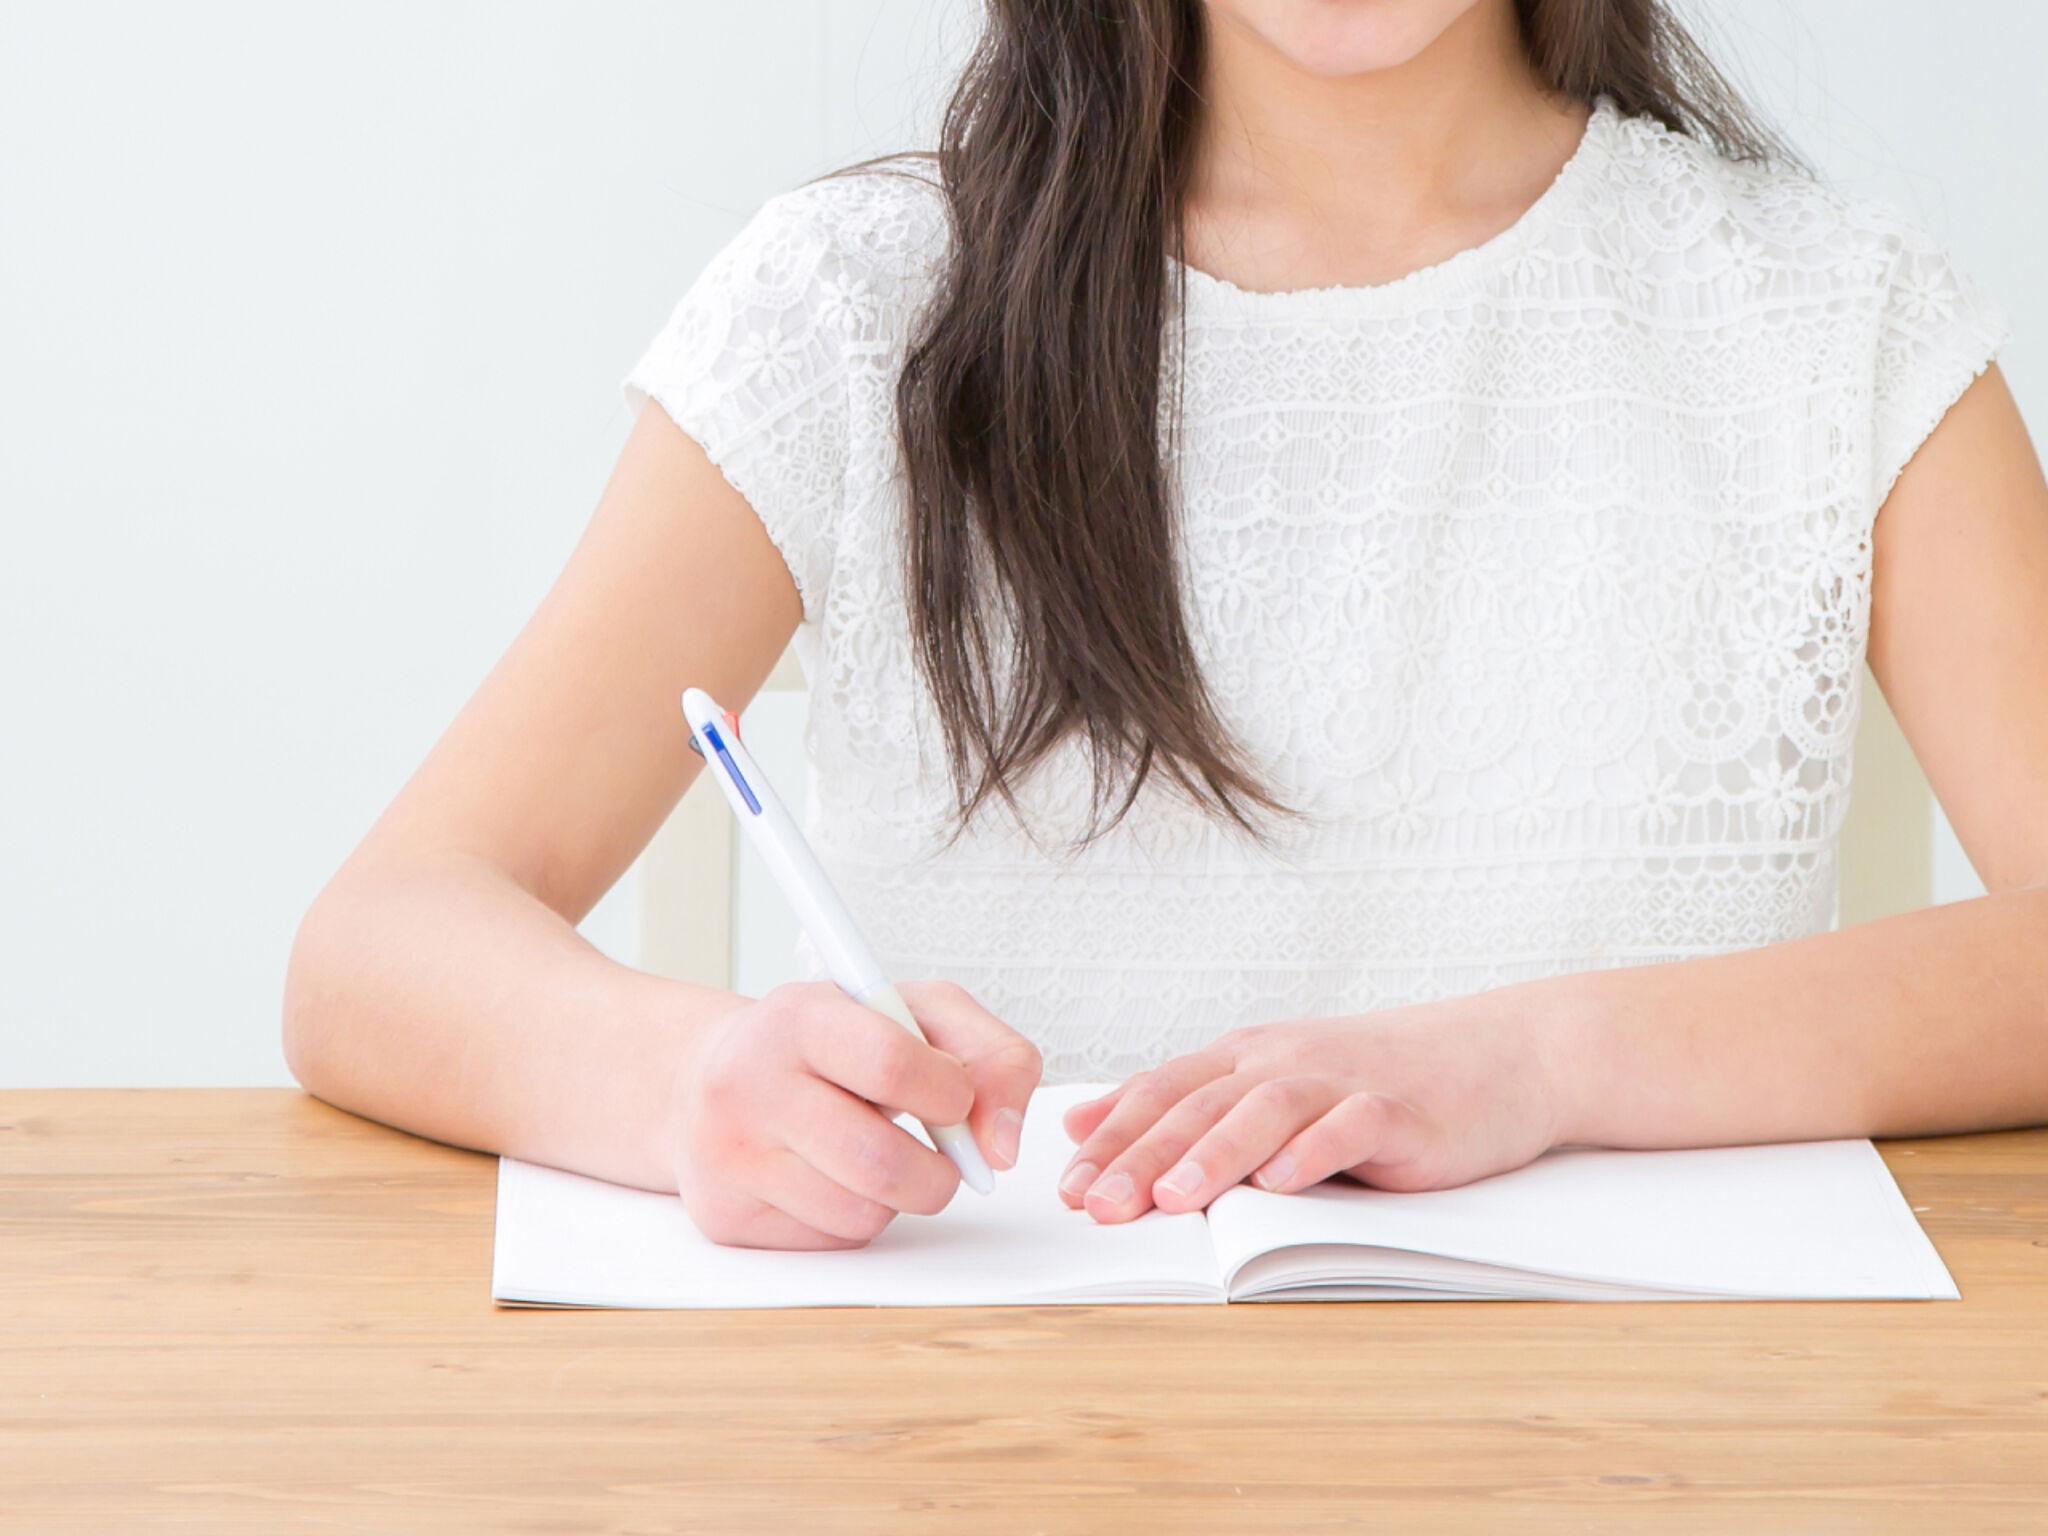 勉強をしている女の子の画像